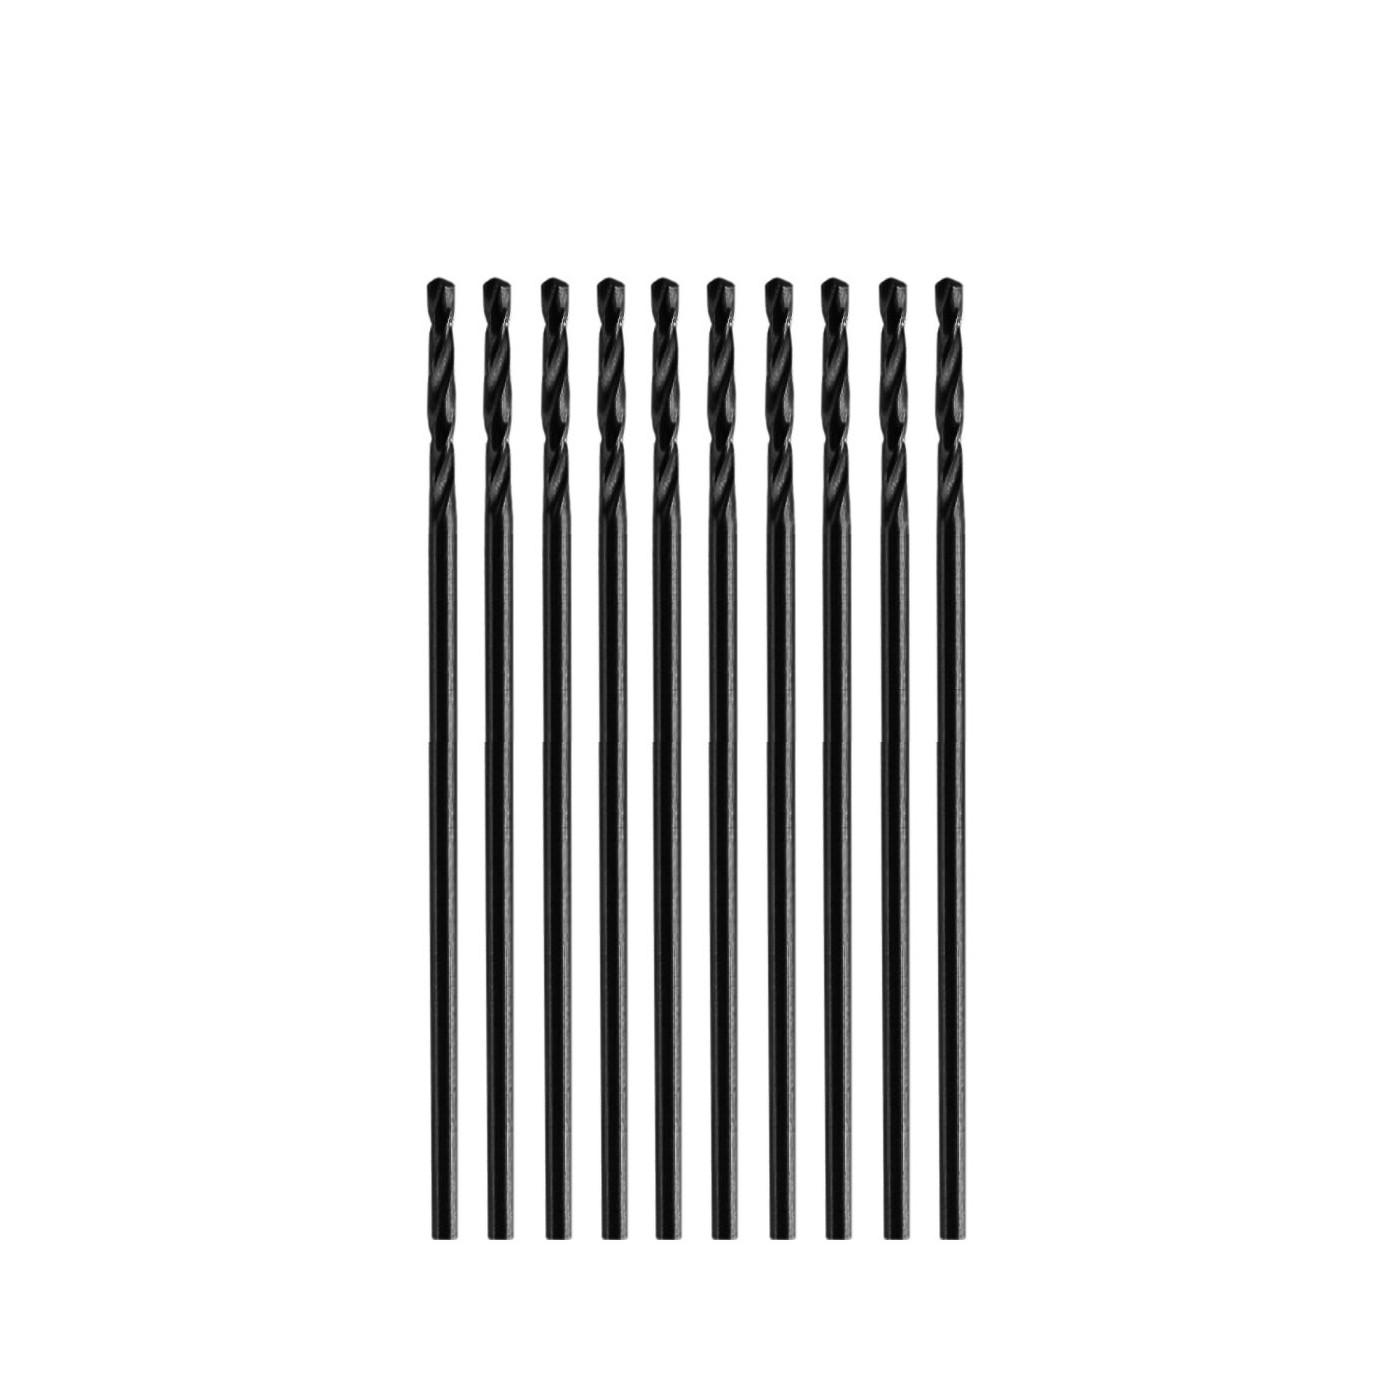 Set of 10 small metal drill bits (1.4x38 mm, HSS)